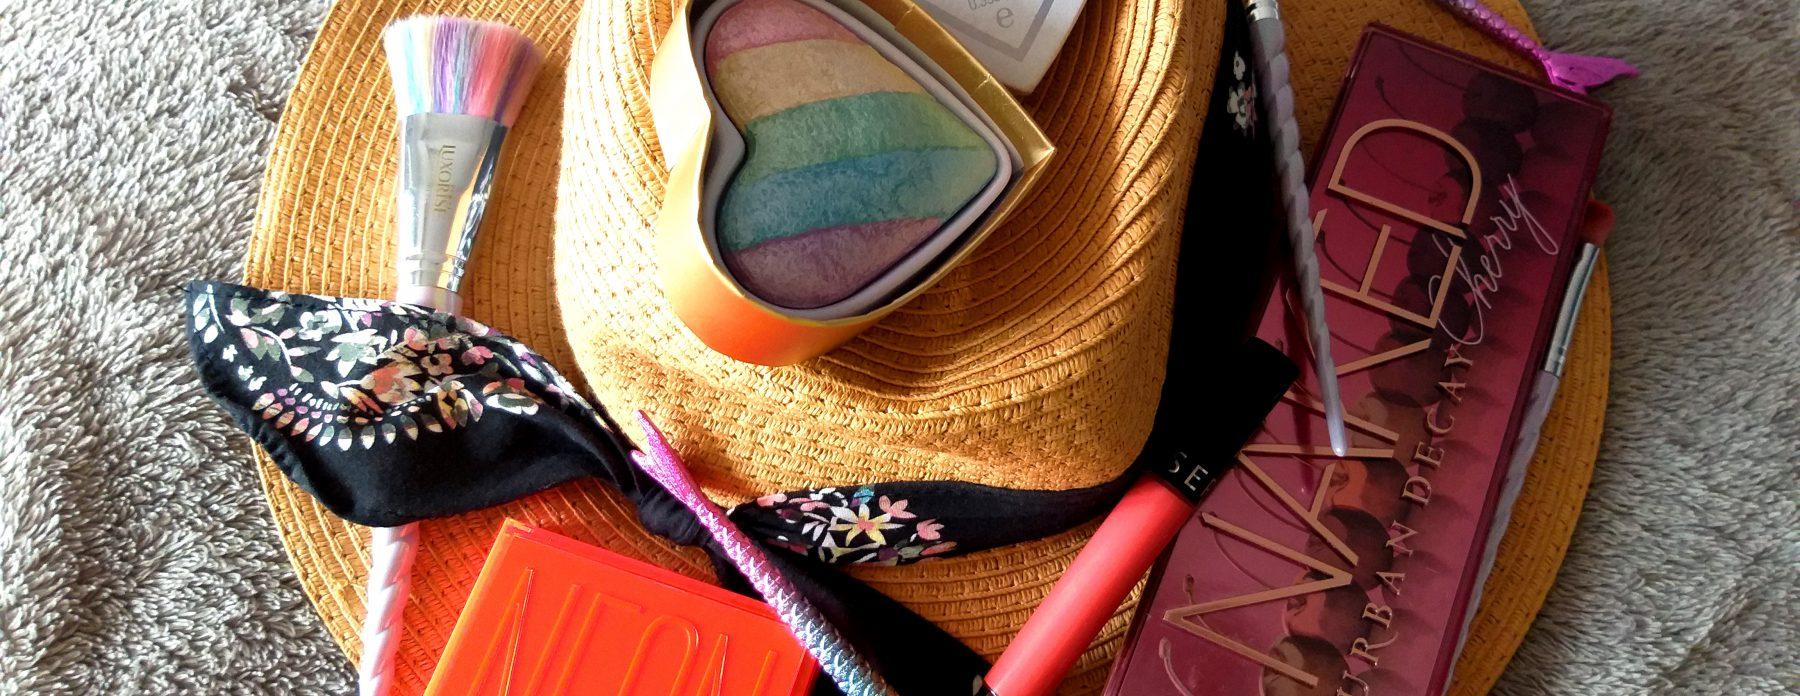 Vara e mai frumoasă în culori! Huda și Urban Decay, neon și cireșe estivale